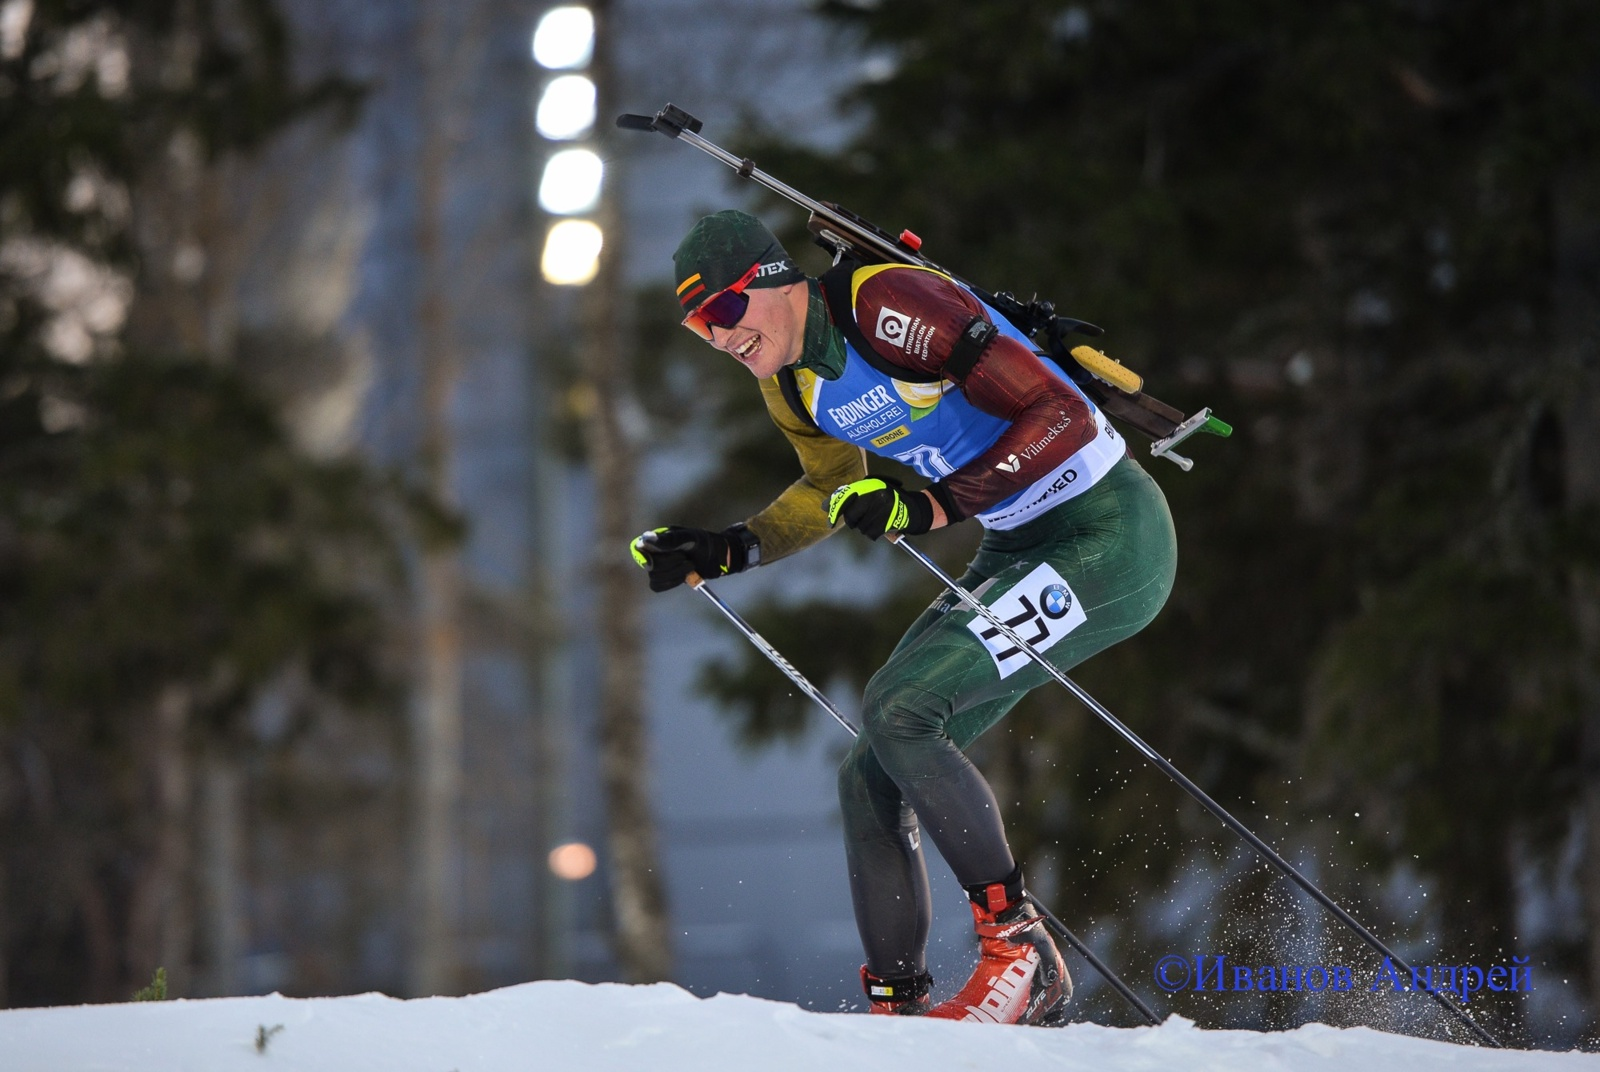 Tėvu tapęs Vytautas Strolia pasiekė Lietuvos biatlonininkų rekordą